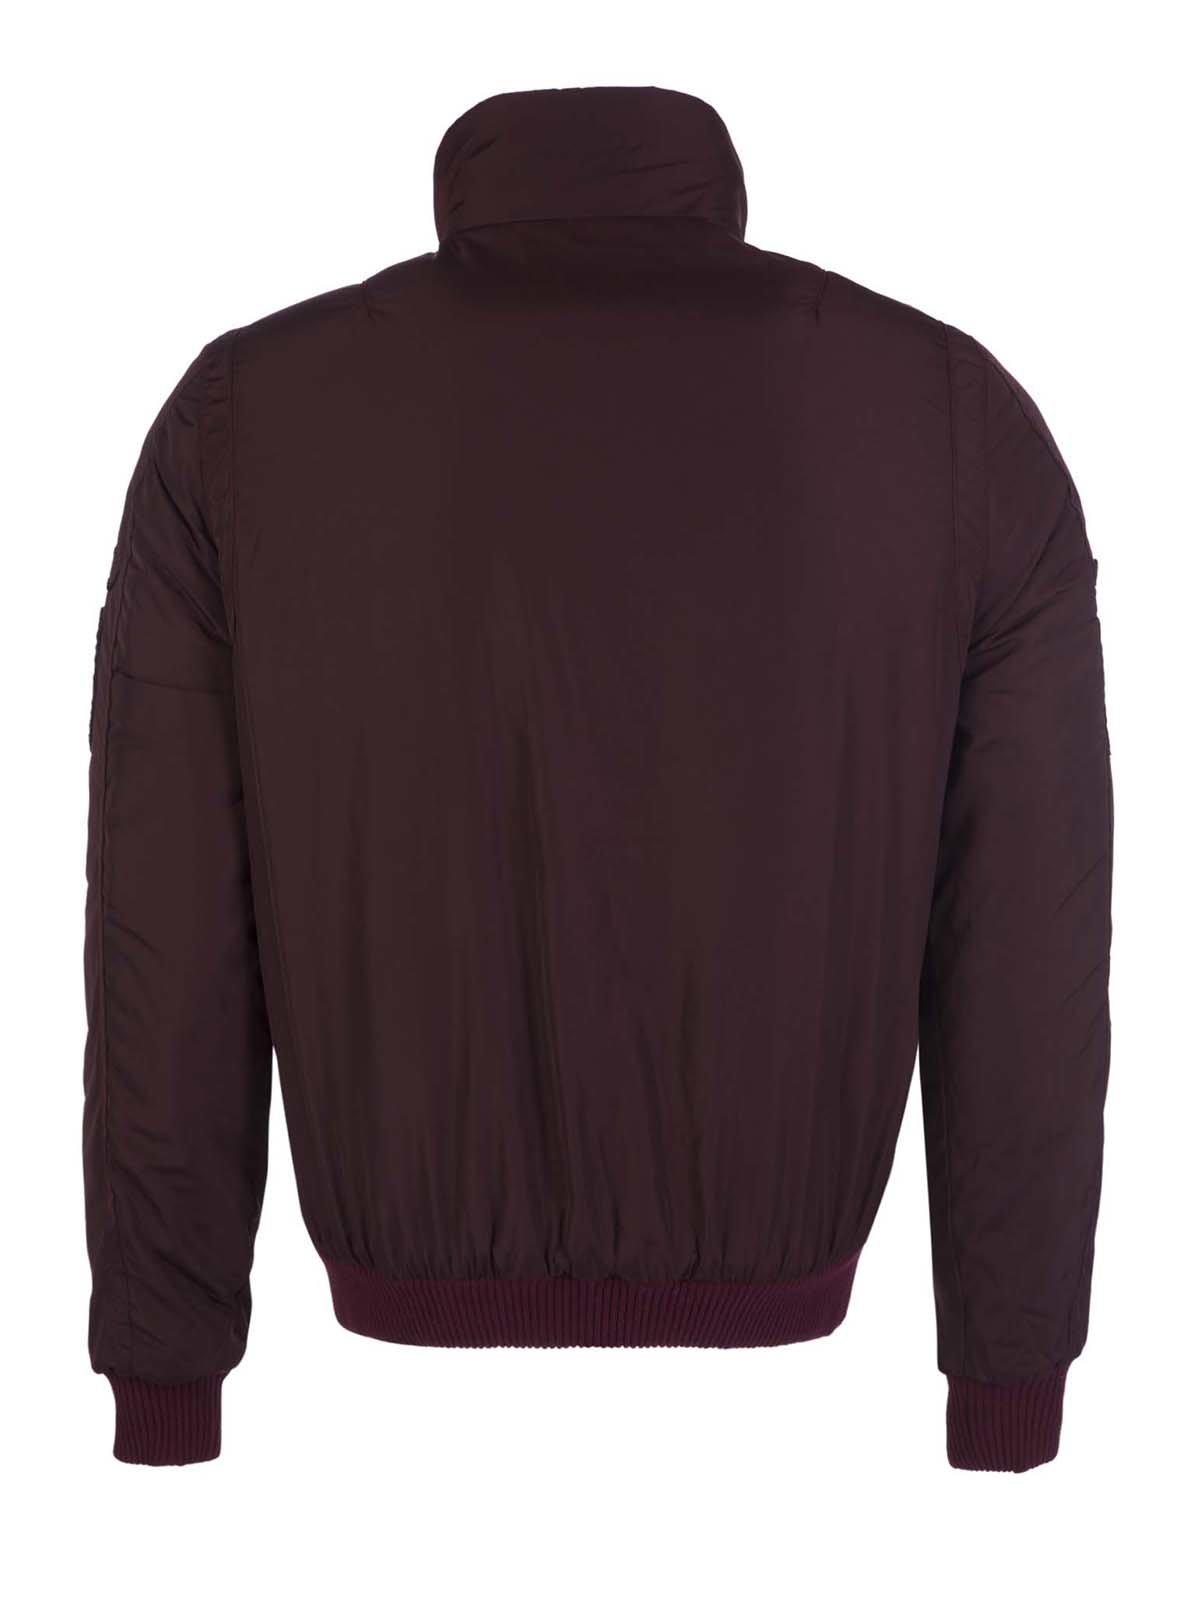 Куртка бордовая | 3420910 | фото 5